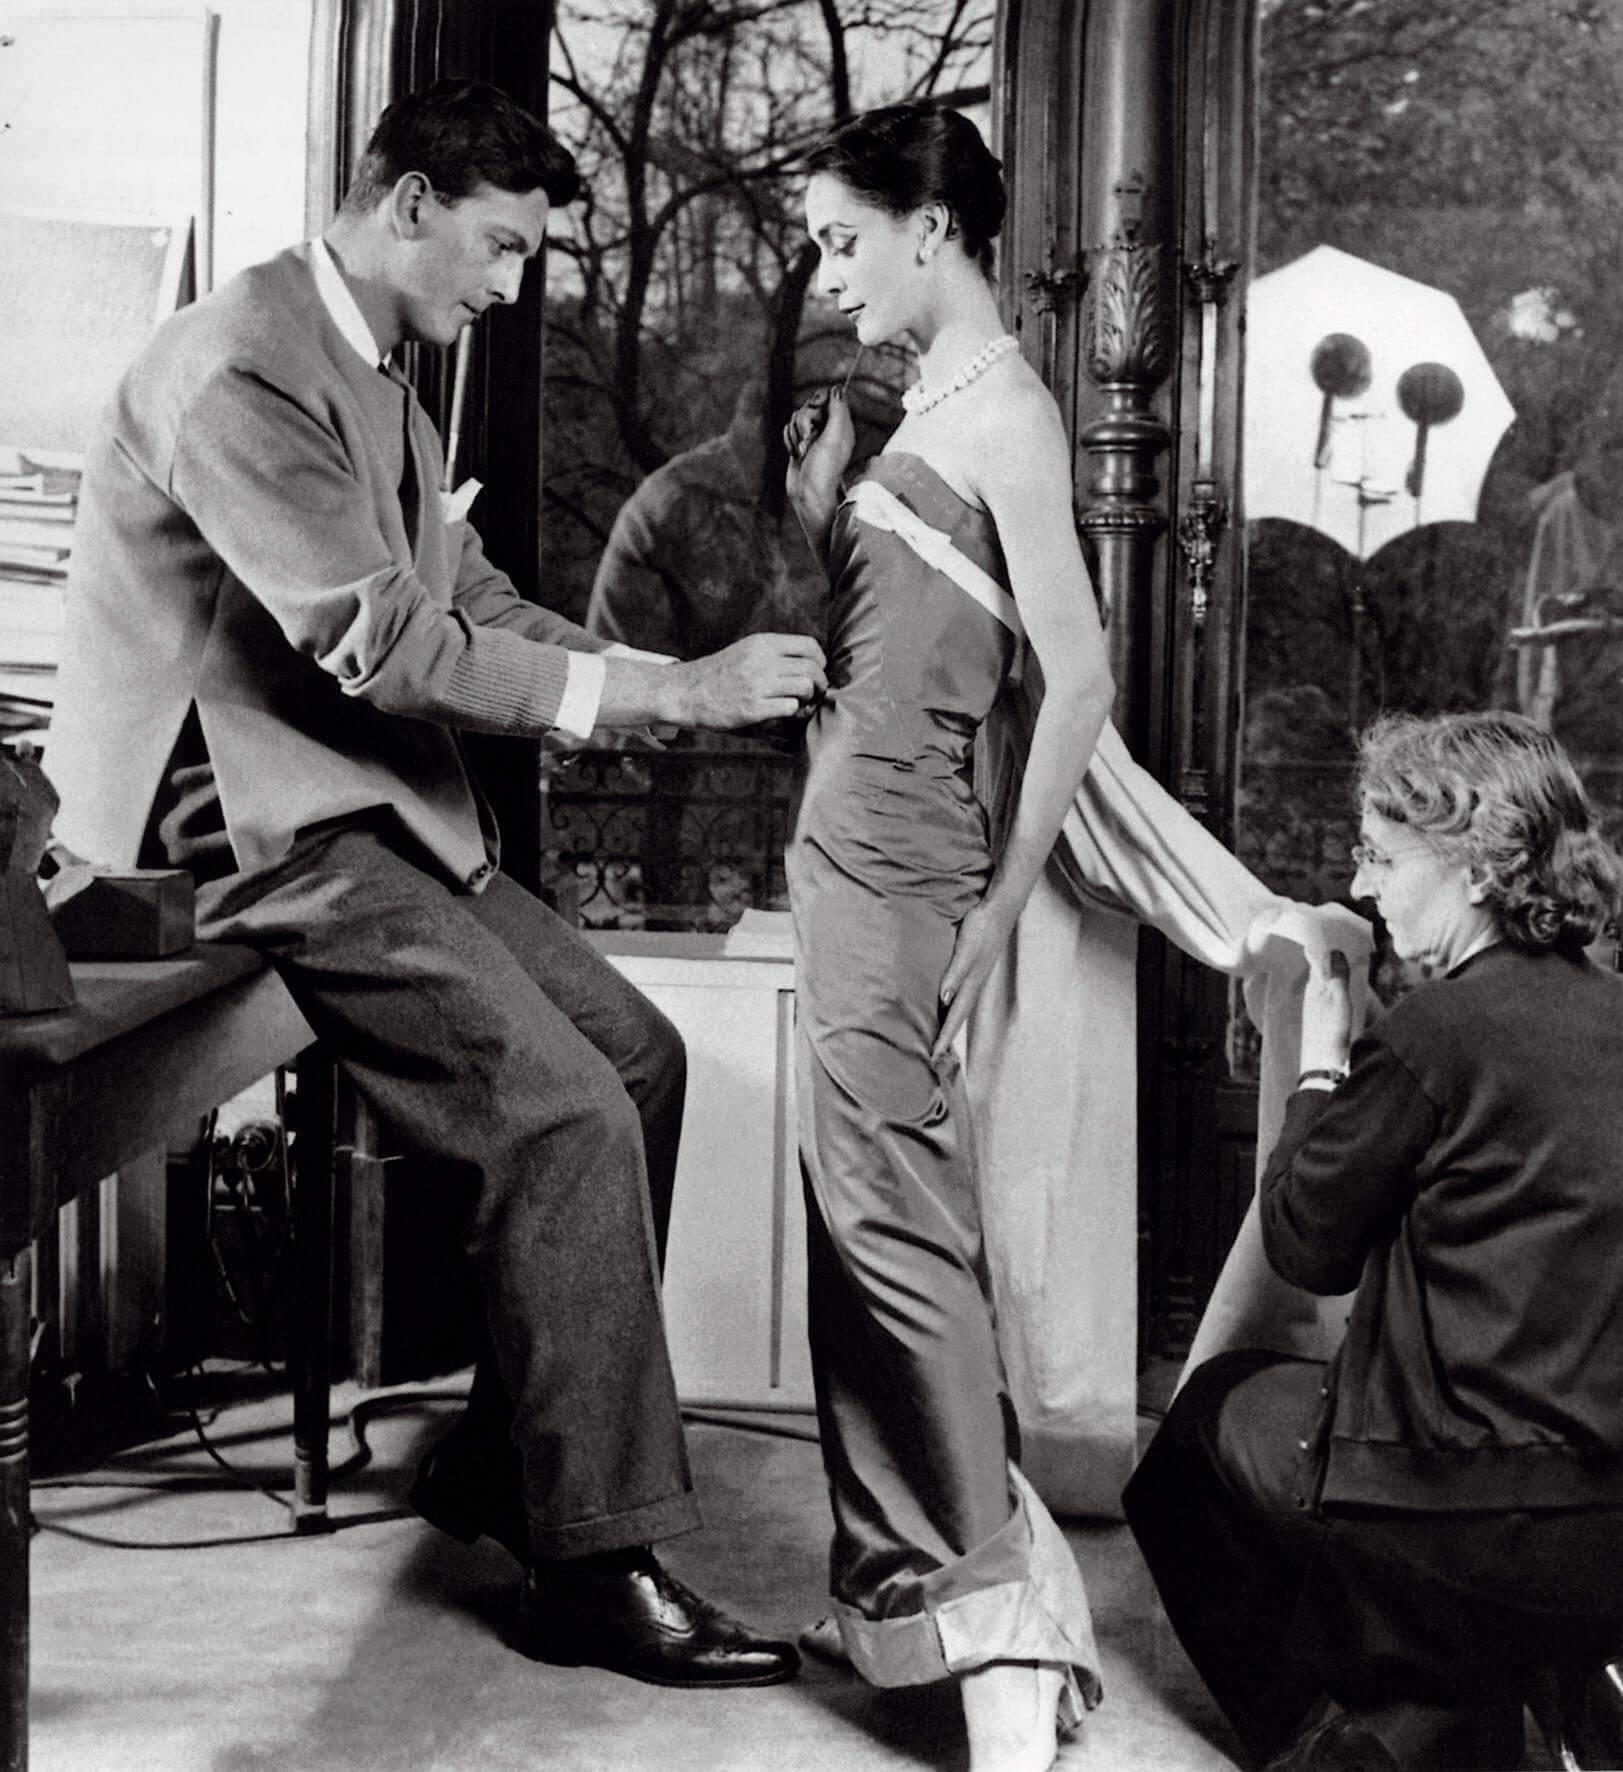 Falleció Hubert de Givenchy: 5 cosas que debes conocer del diseñador que convirtió a Audrey Hepburn en ícono de la moda